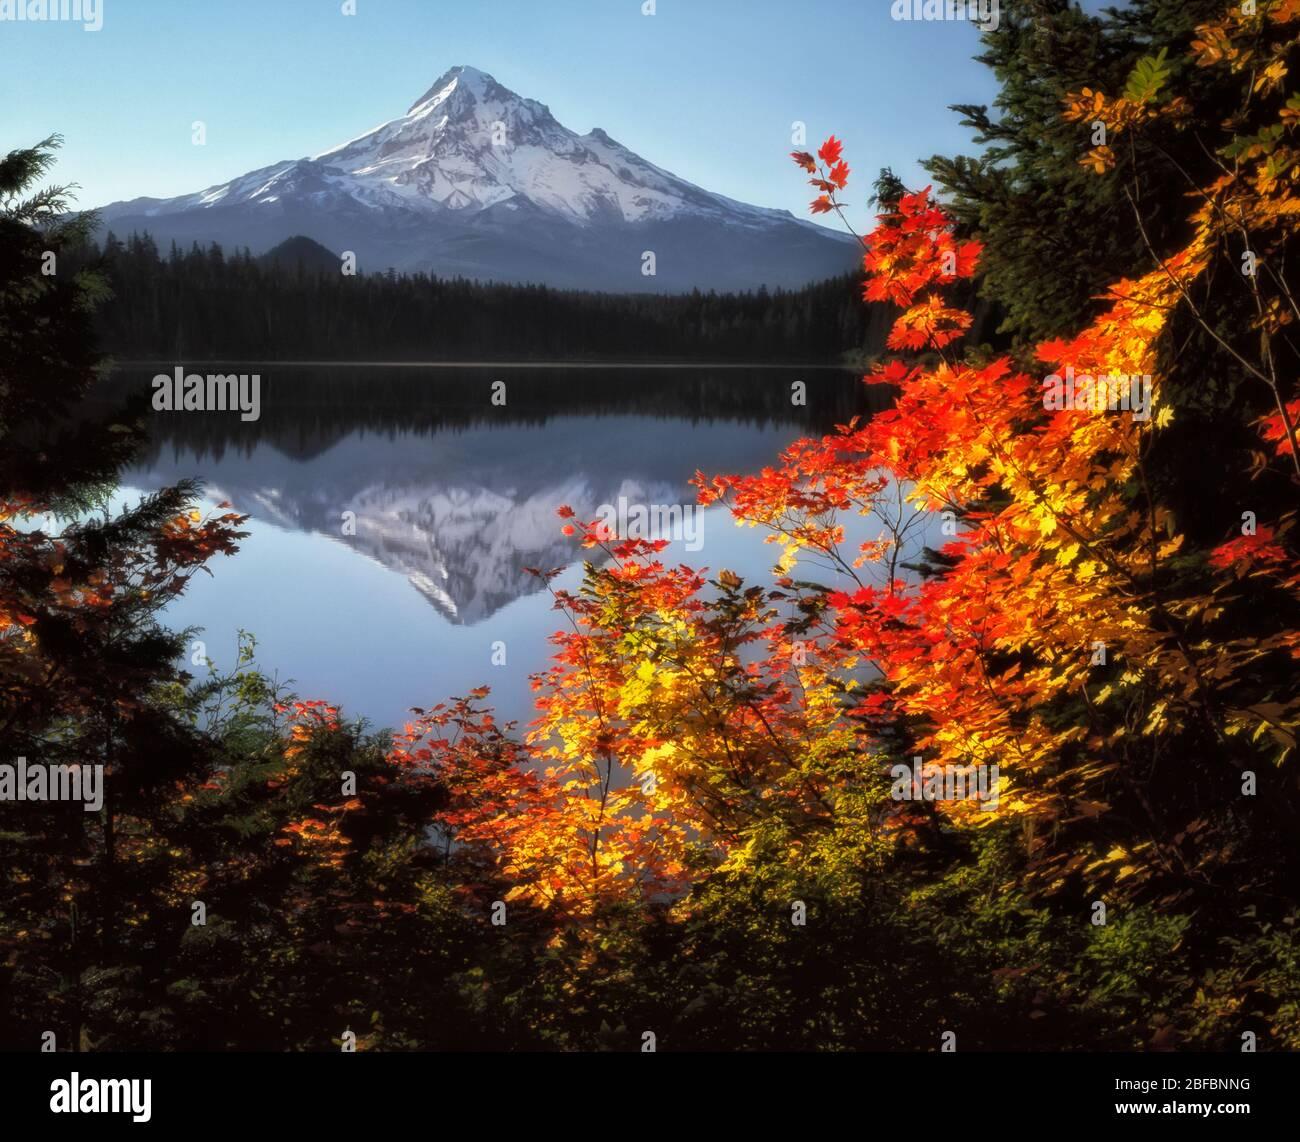 Le soleil de l'automne matinal baigne les arbres en érable à feuilles de vigne qui encadrent le plus haut sommet de l'Oregon, le Mt Hood se reflétant dans le lac Lost. Banque D'Images